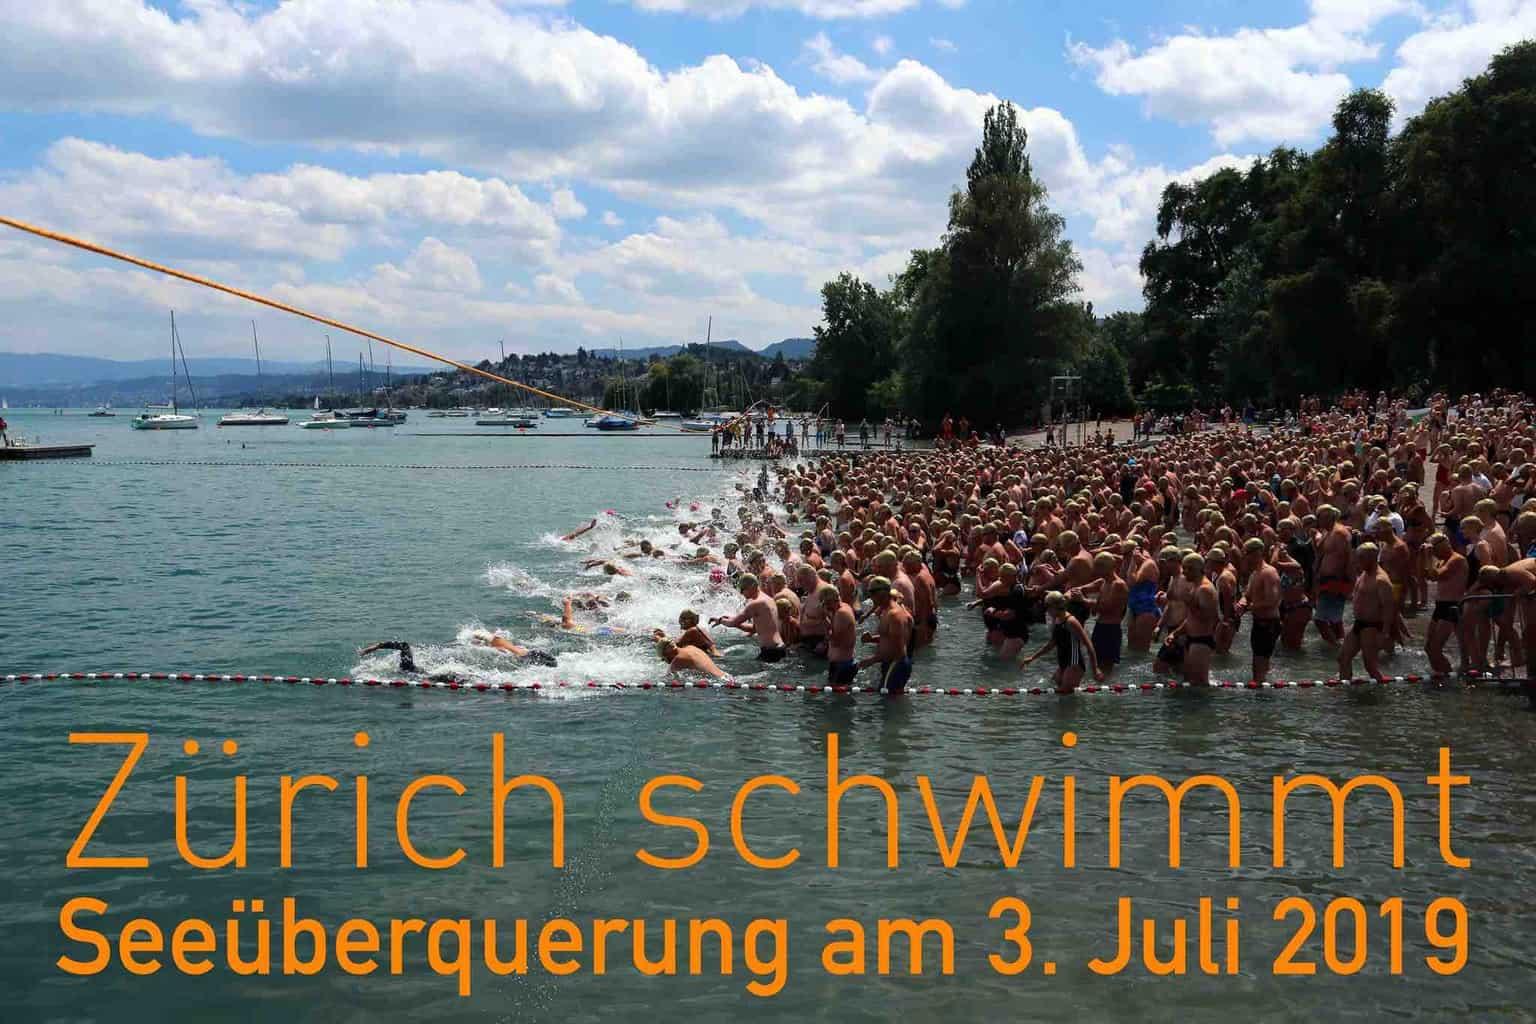 The Zurich Seeüberquerung Mythenquai to Tiefenbrunnen 3rd July 2019